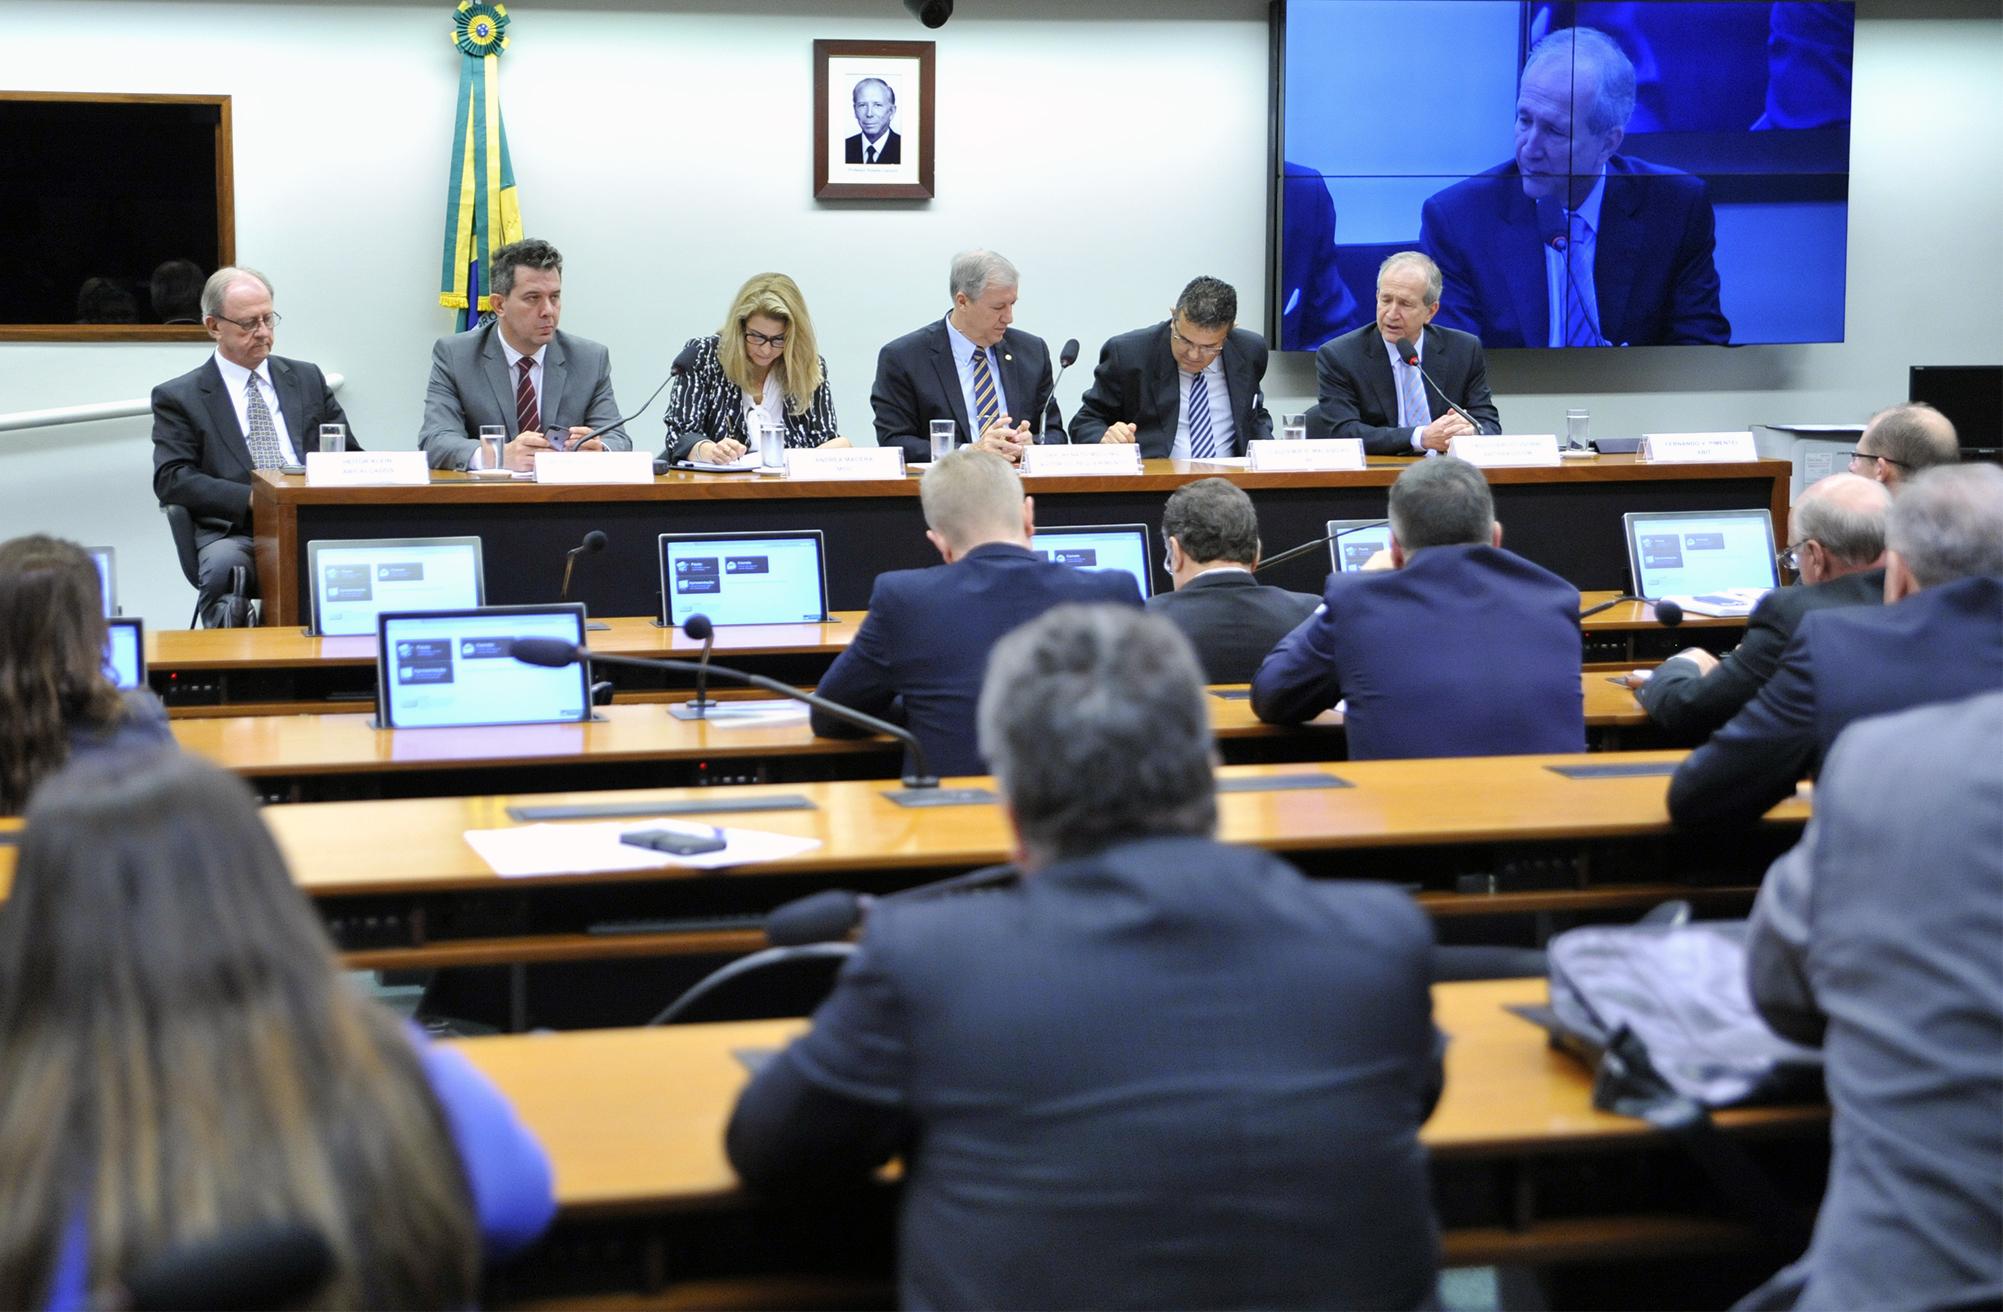 Audiência pública sobre a desoneração da folha de pagamento, matéria objeto da Medida Provisória 774/2017